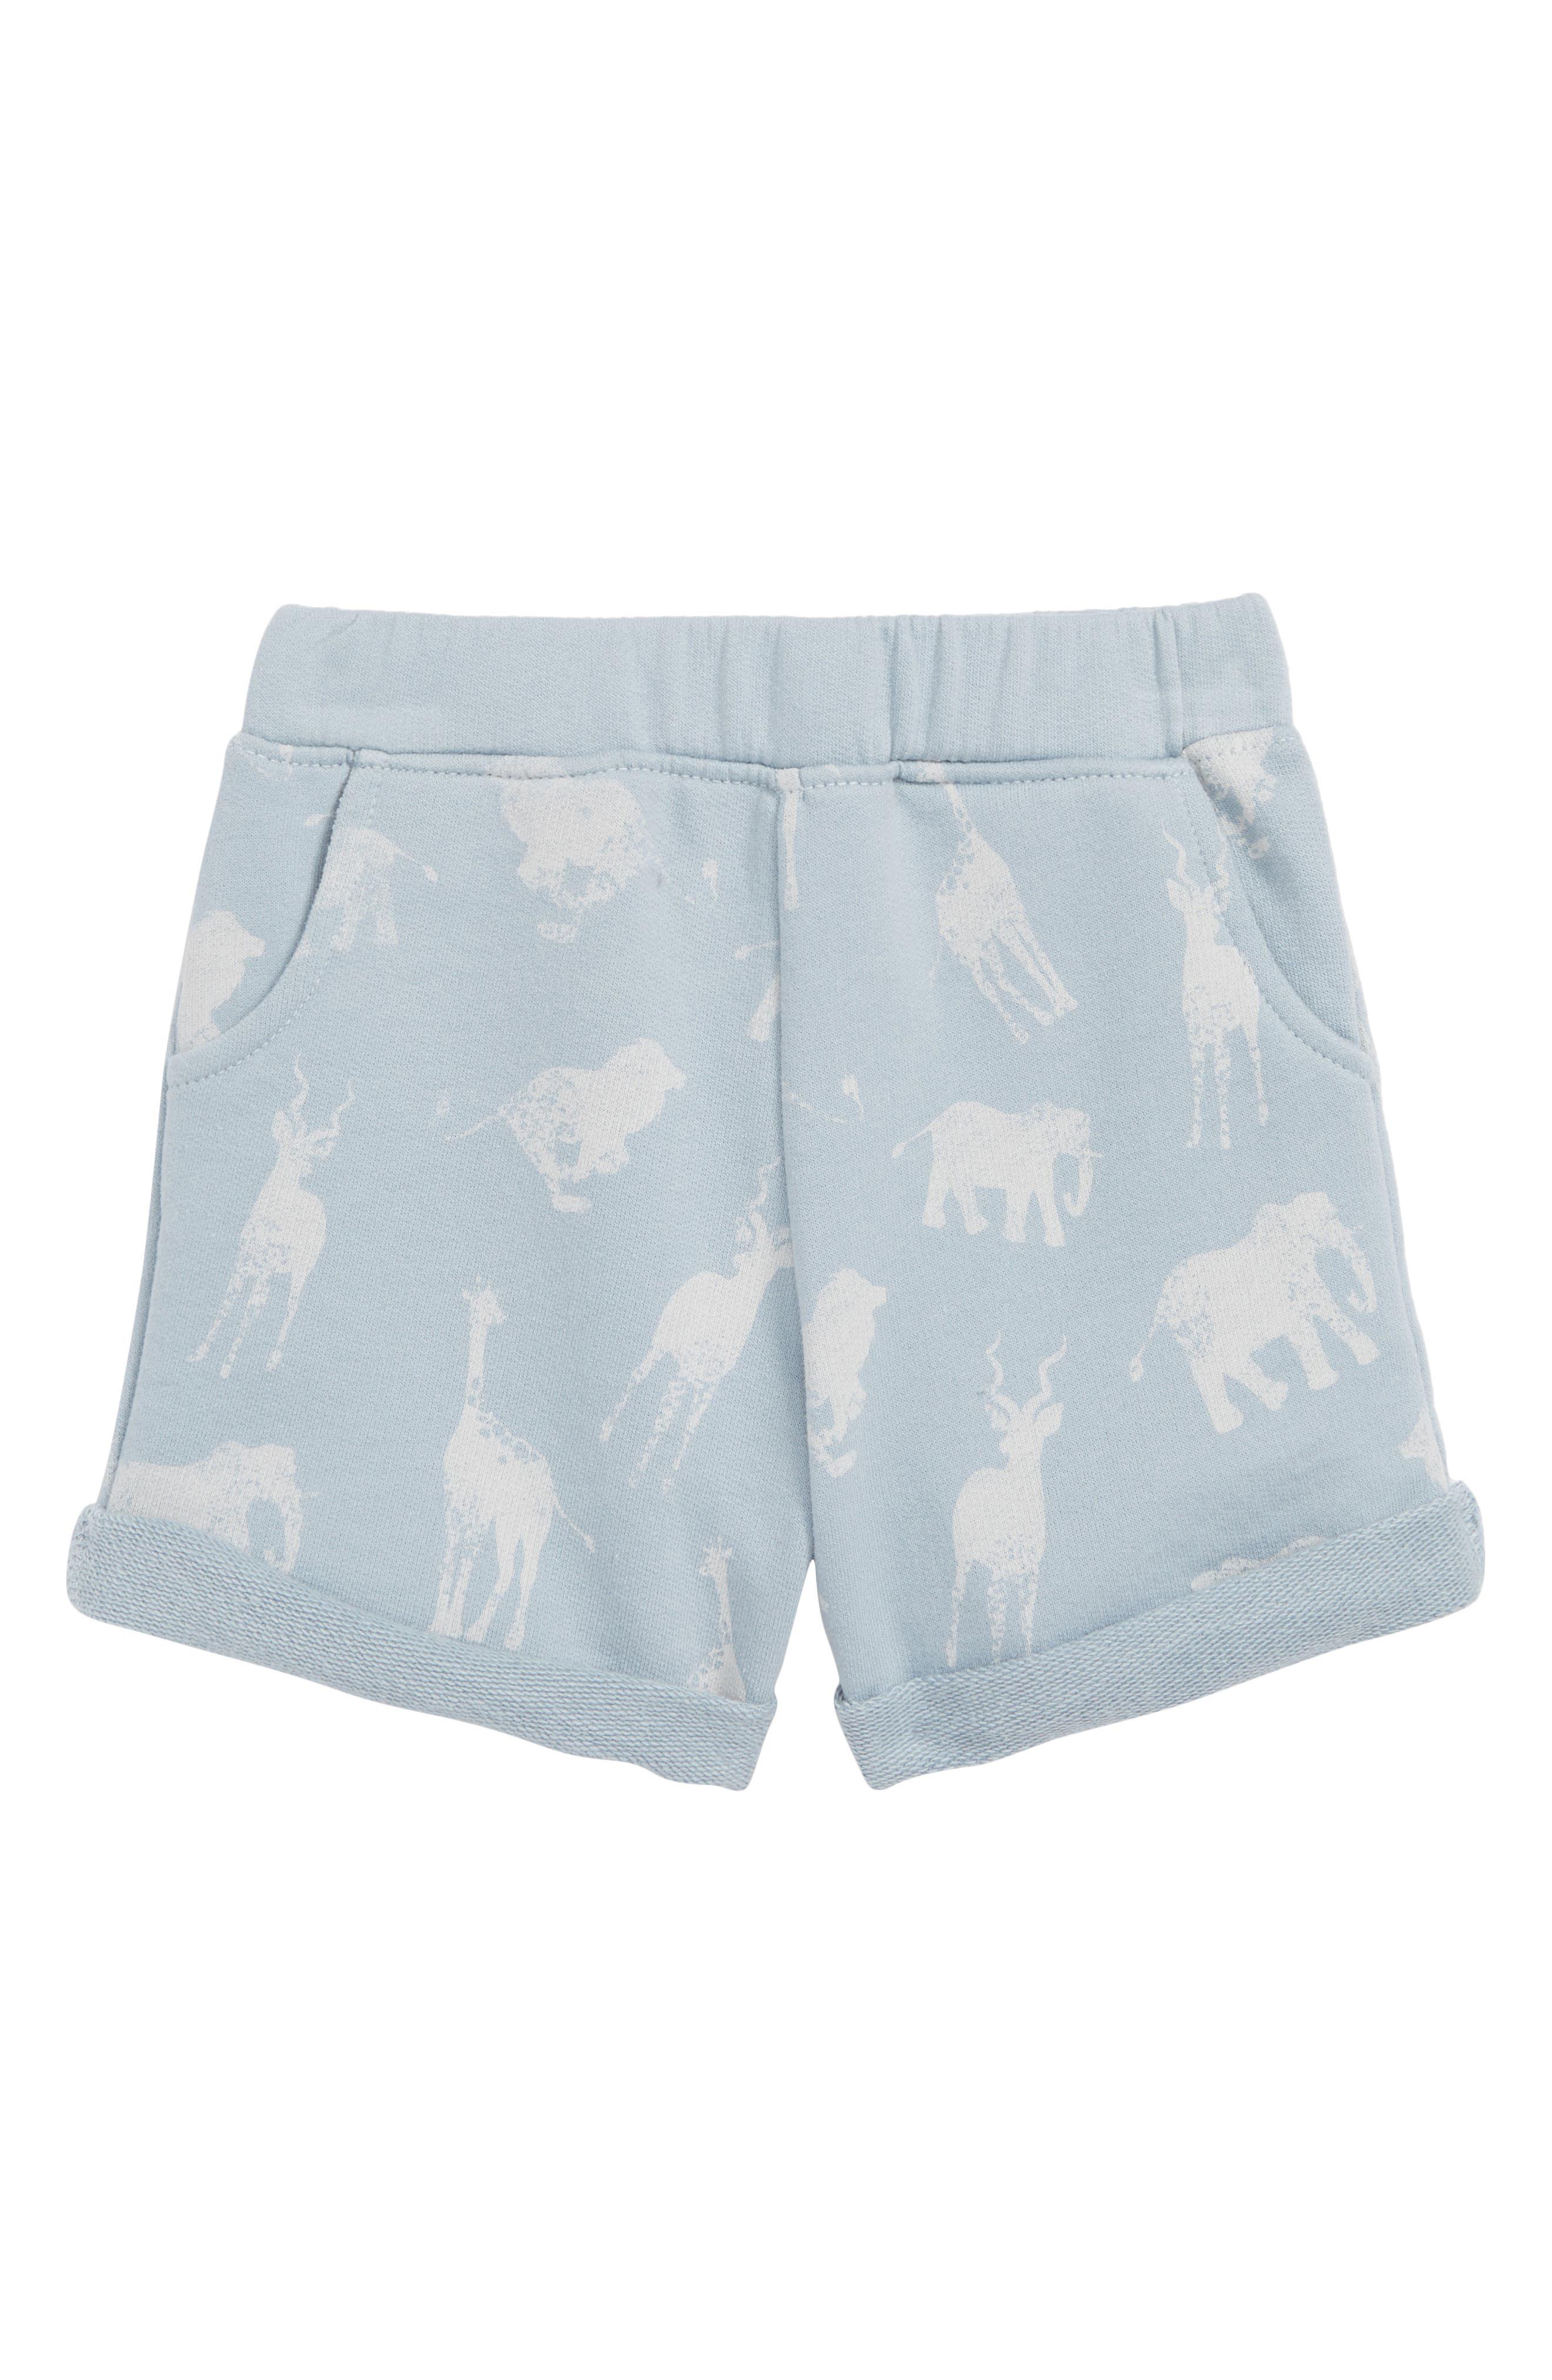 Peek Safari Shorts,                         Main,                         color, 452